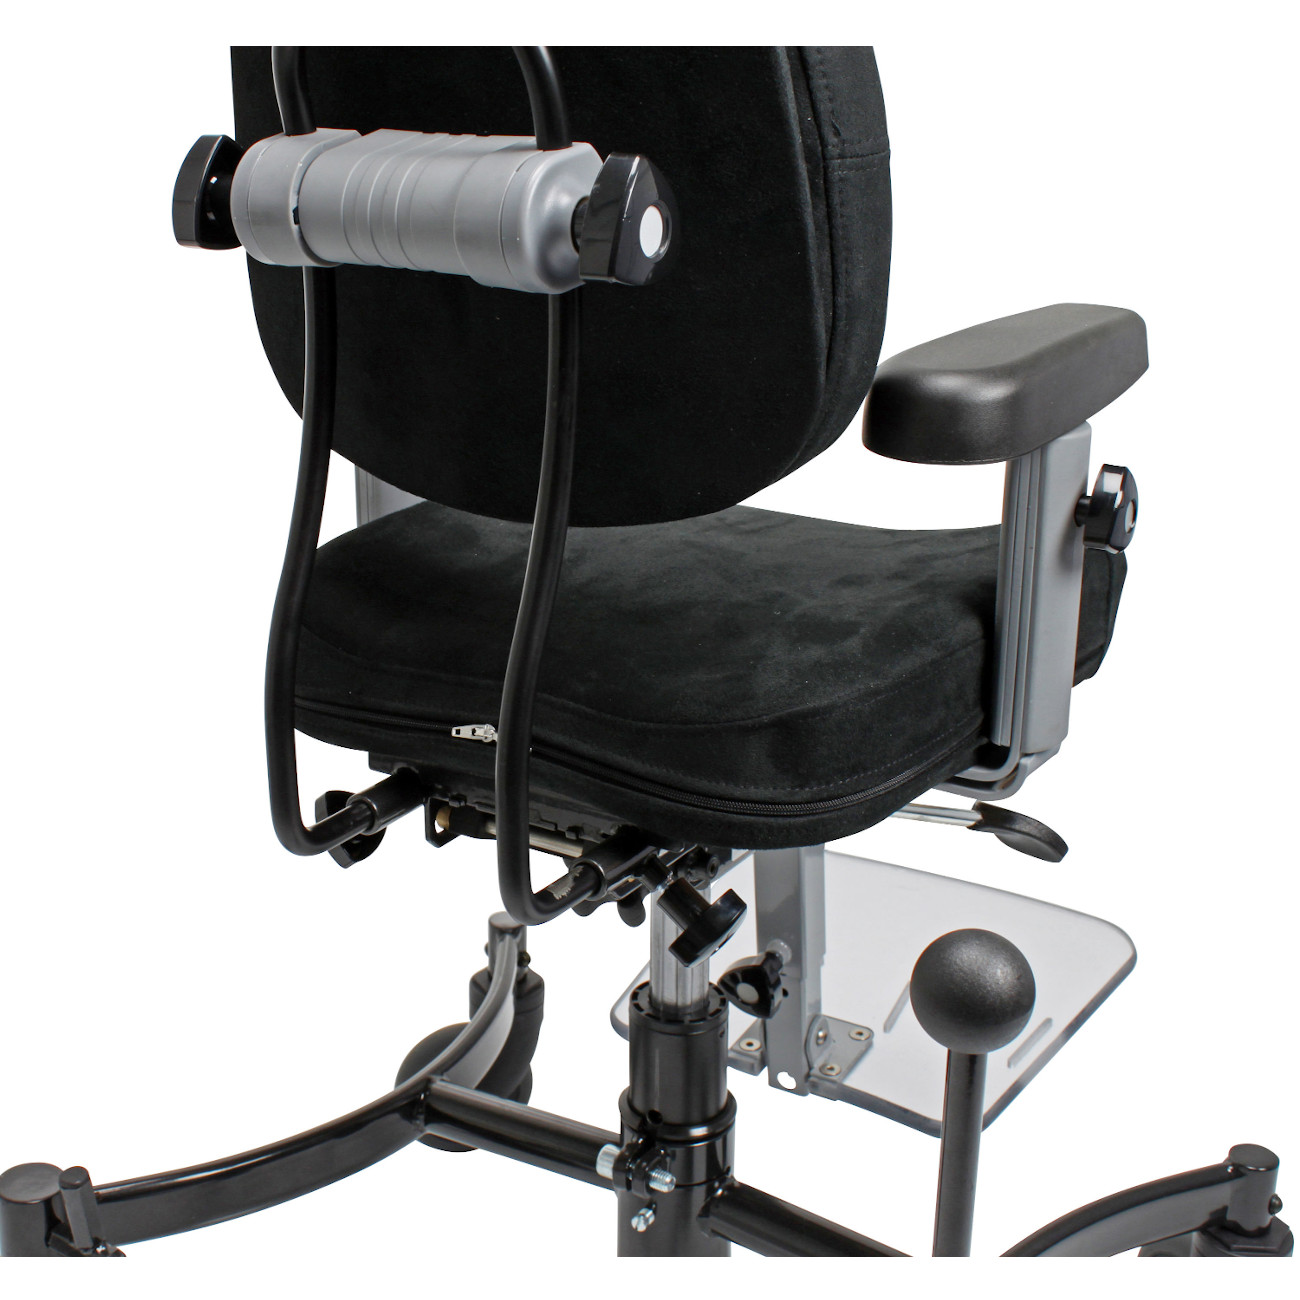 Hip Hop 100 sedia ergonomica per bambini - Elmi Reha in ...